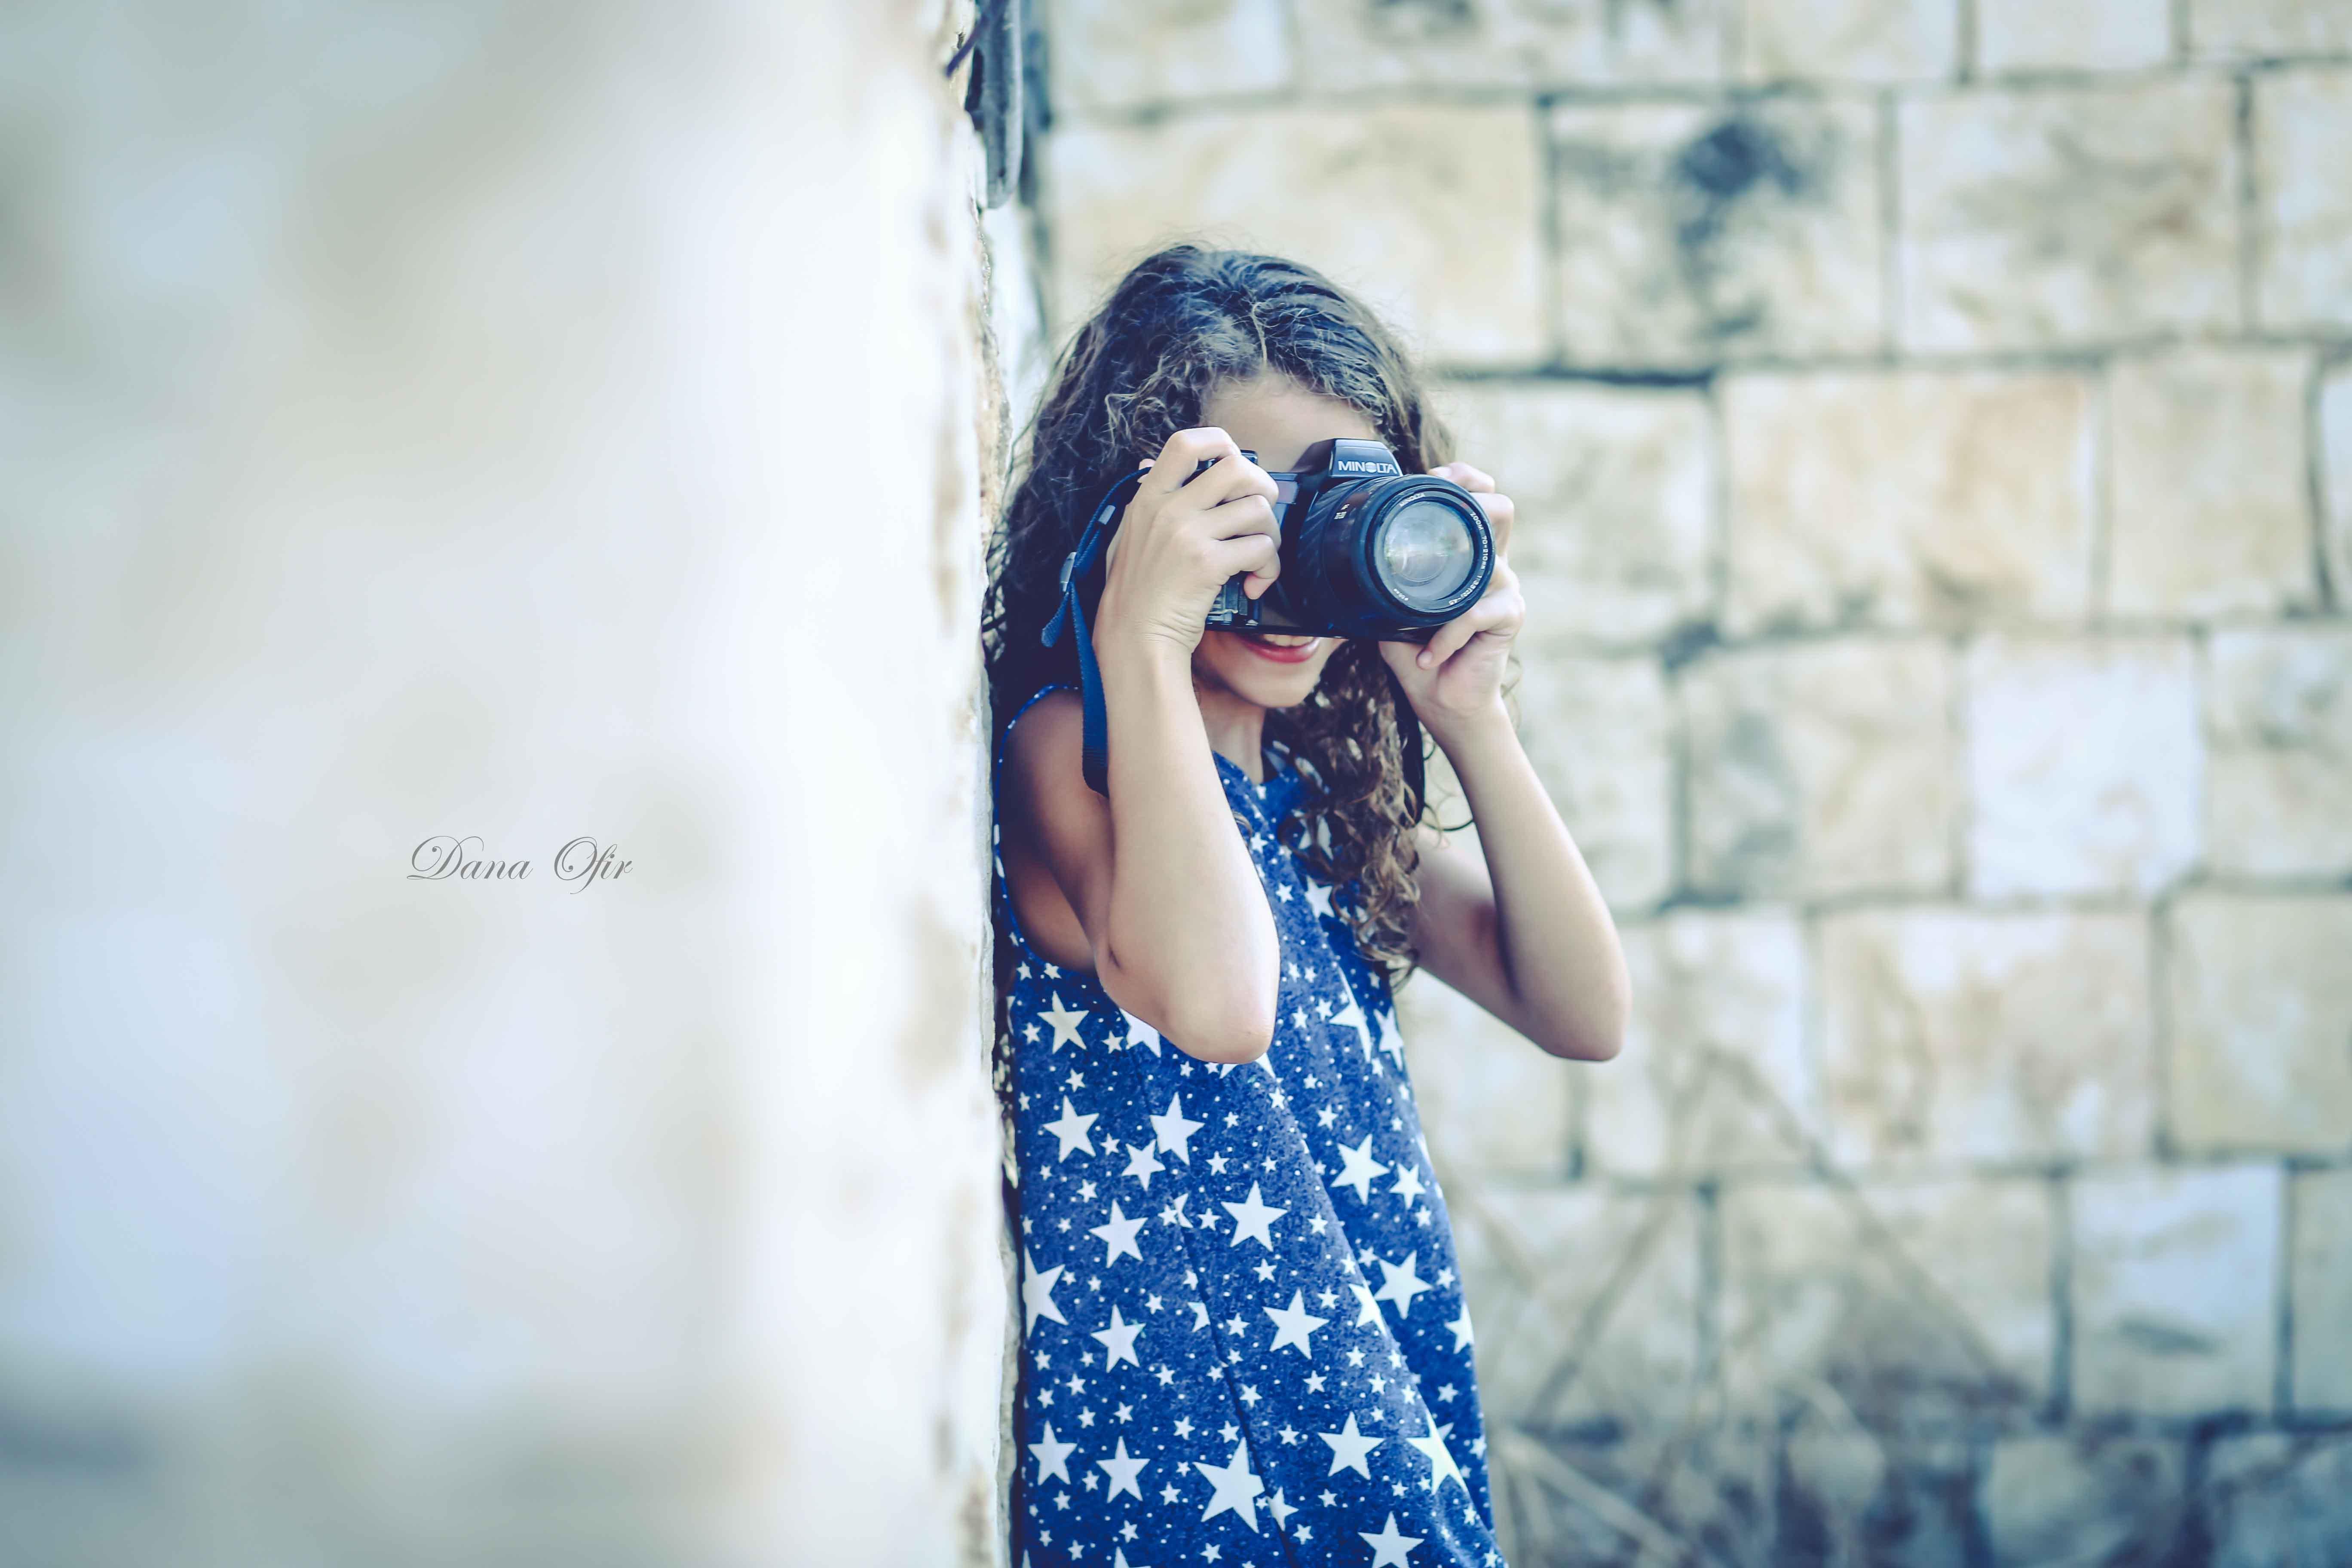 צילום אלבום בת מצווה - סטודיו לצילום דנה אופיר